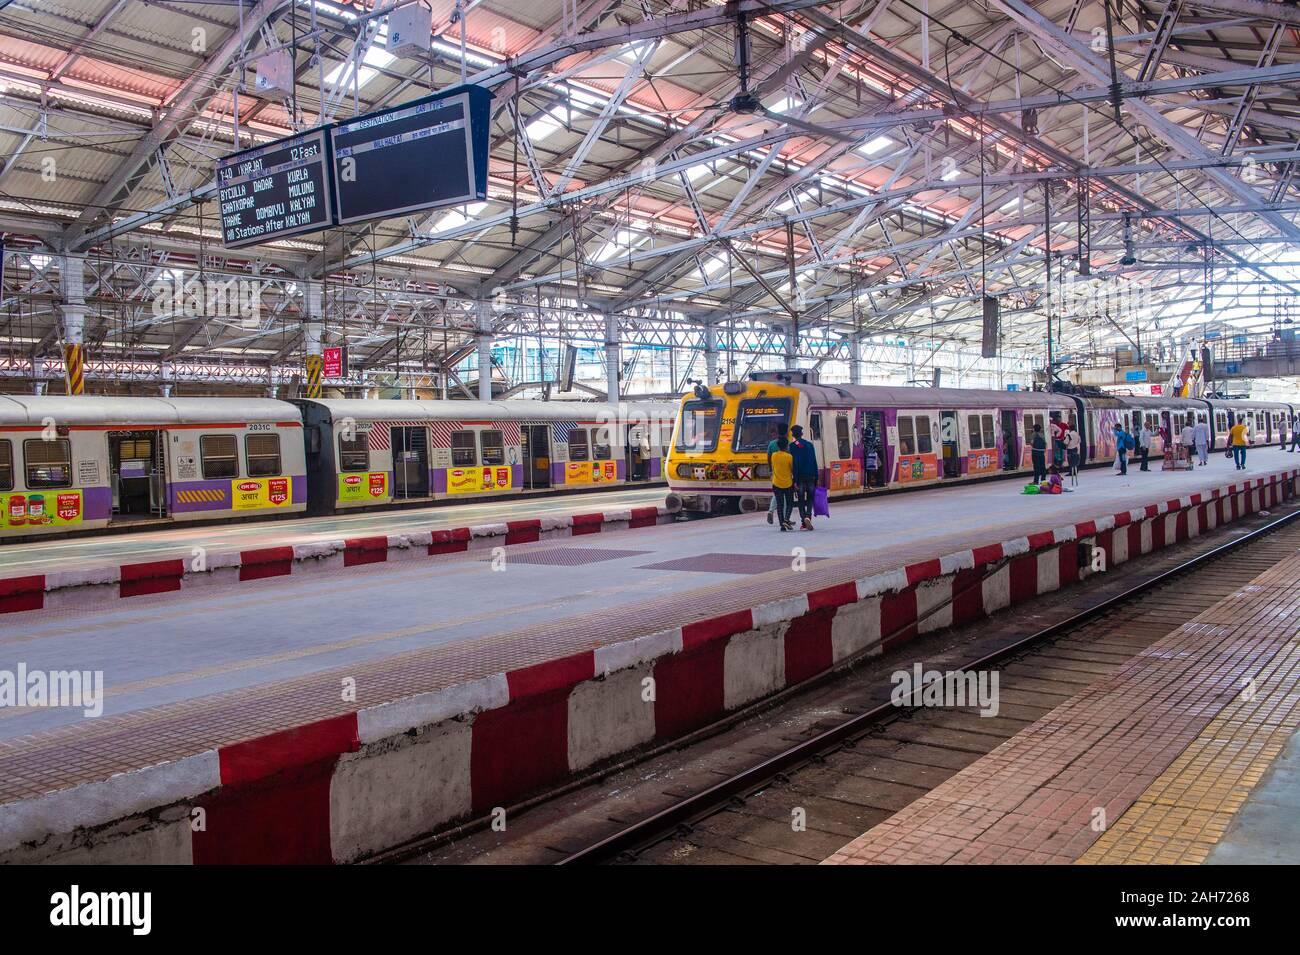 Le réseau ferroviaire de banlieue de Mumbai, Inde Banque D'Images